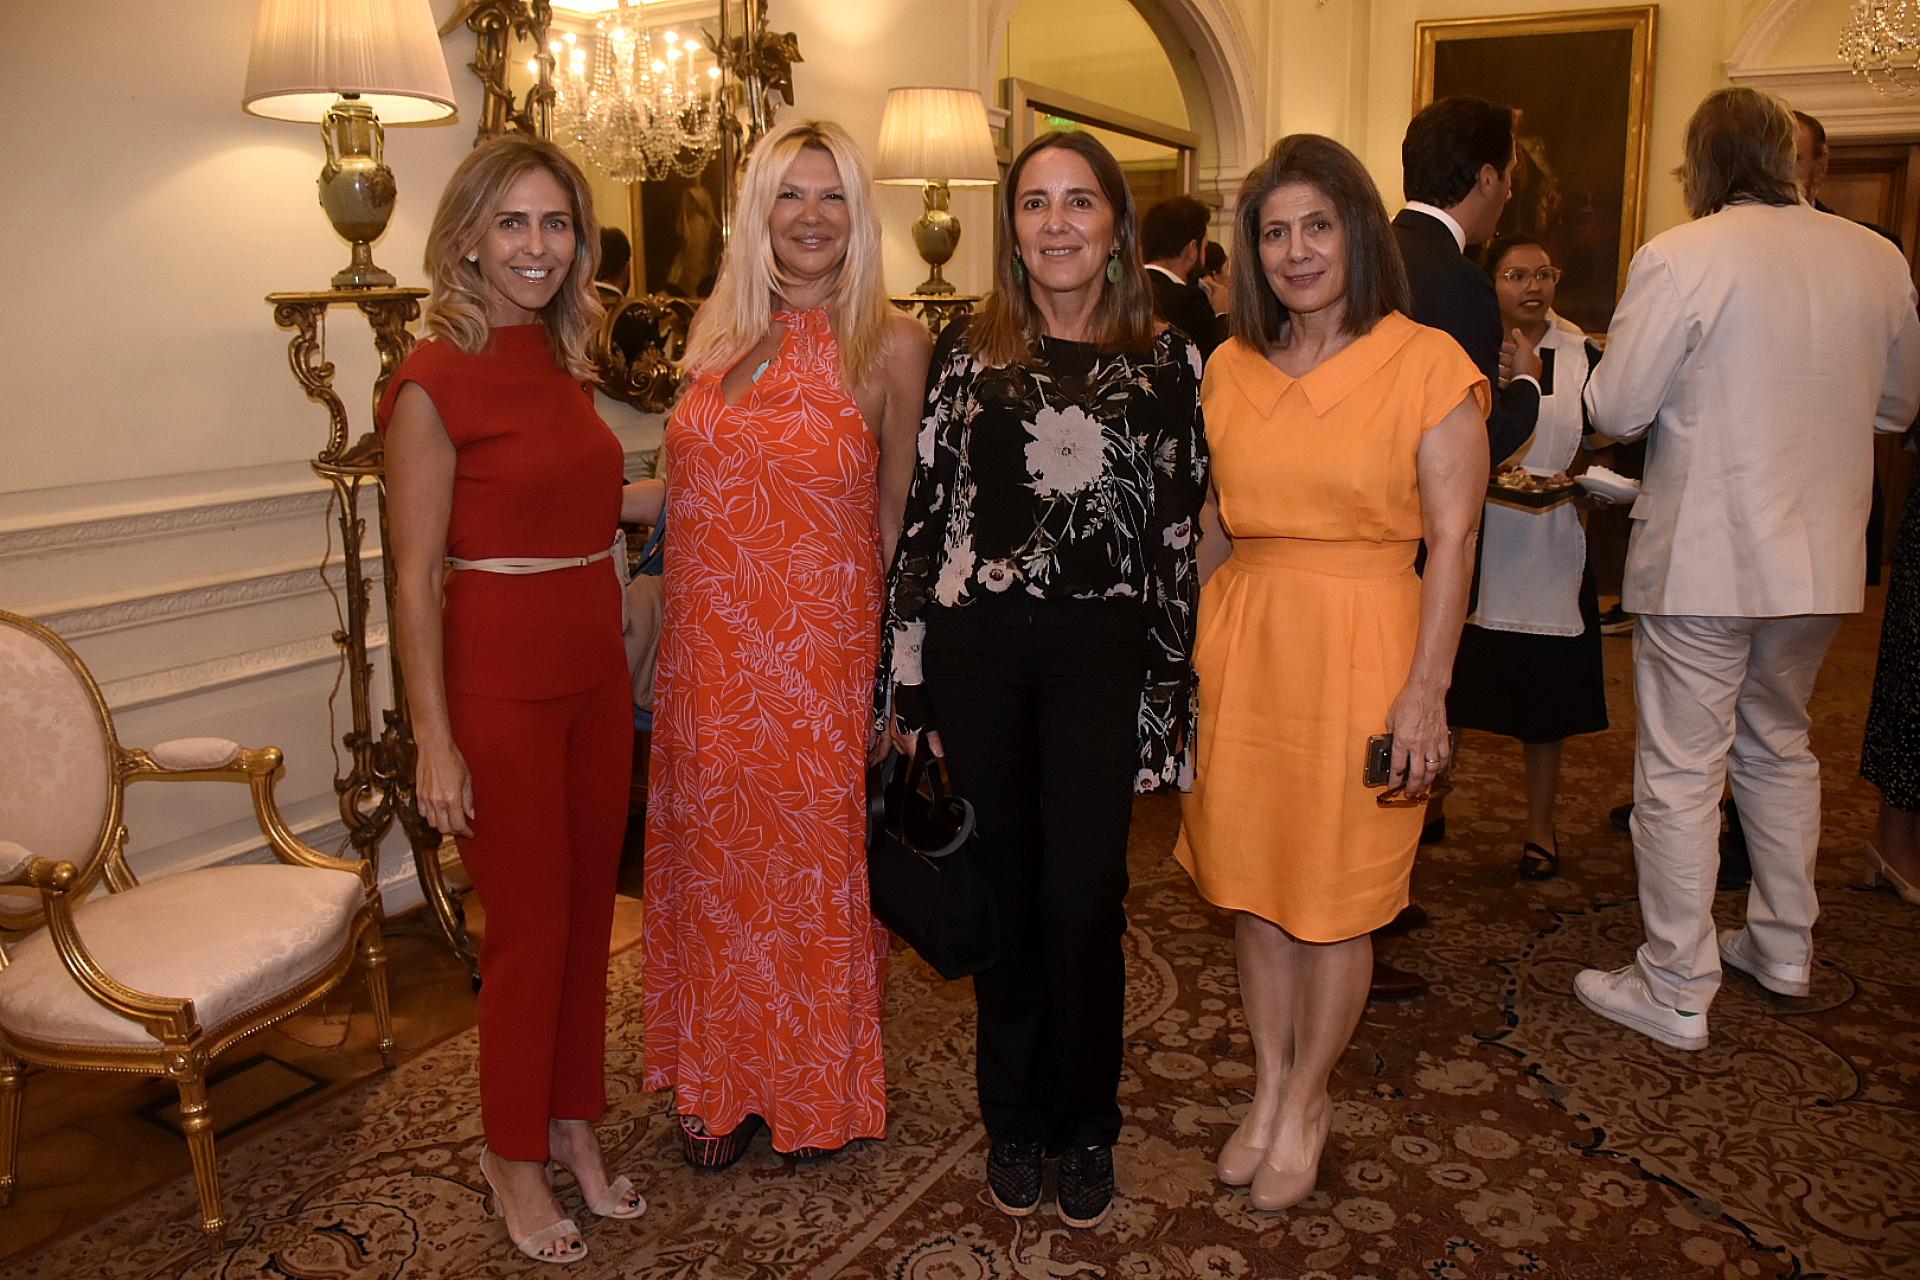 Mariana Bagó, Karin Sulichin, Verónica Zoani de Nutting y Martine Kent